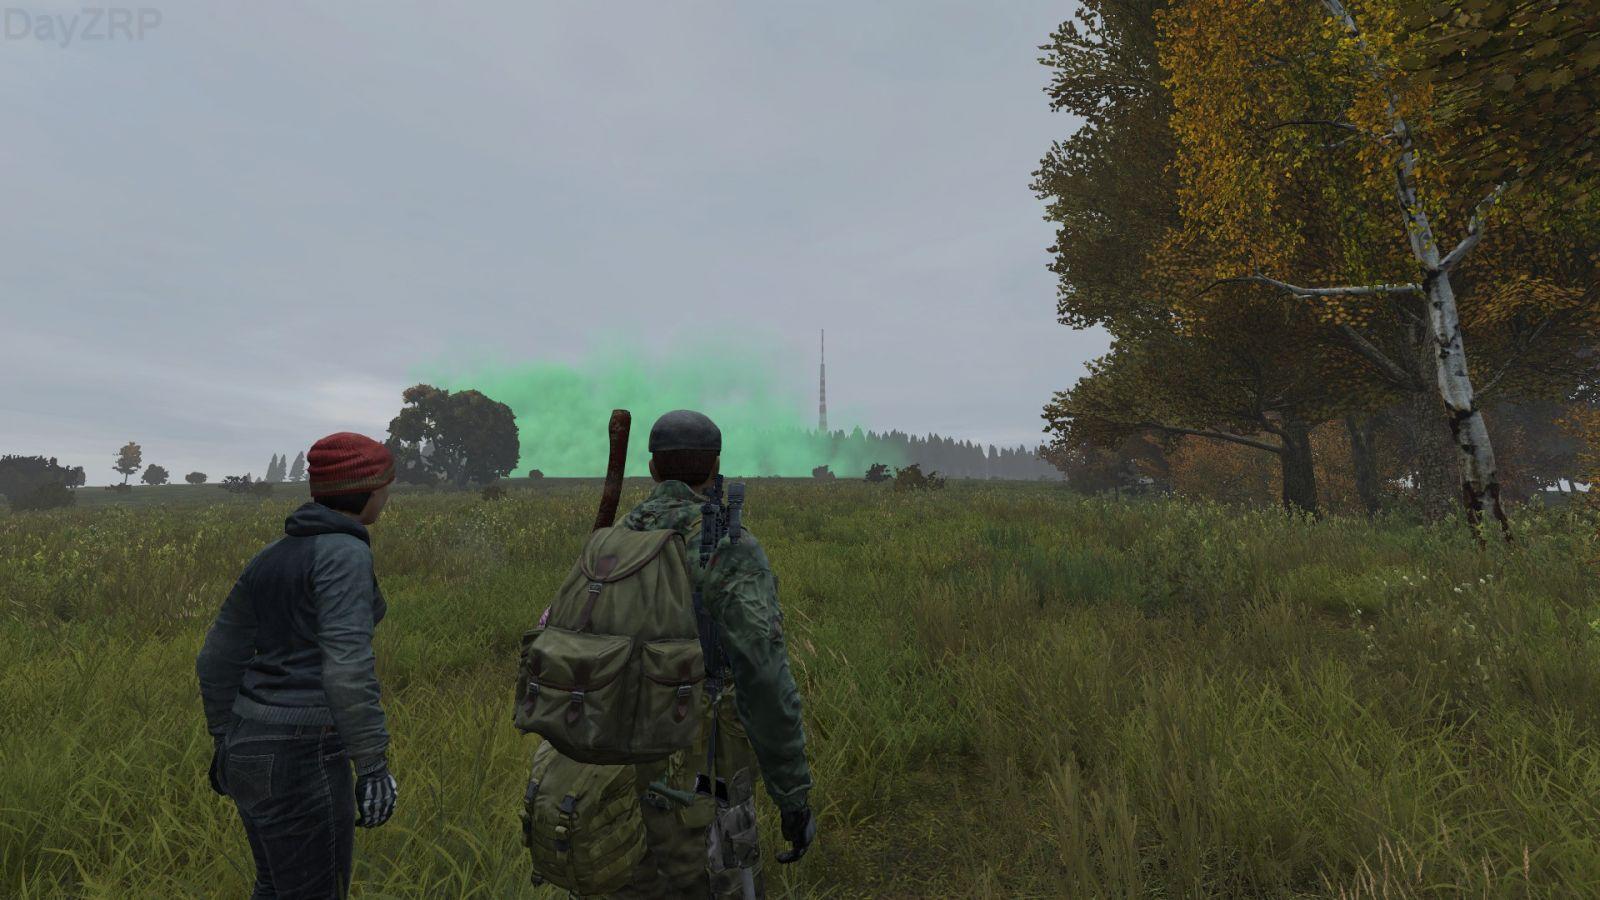 Toxic cloud encounter...